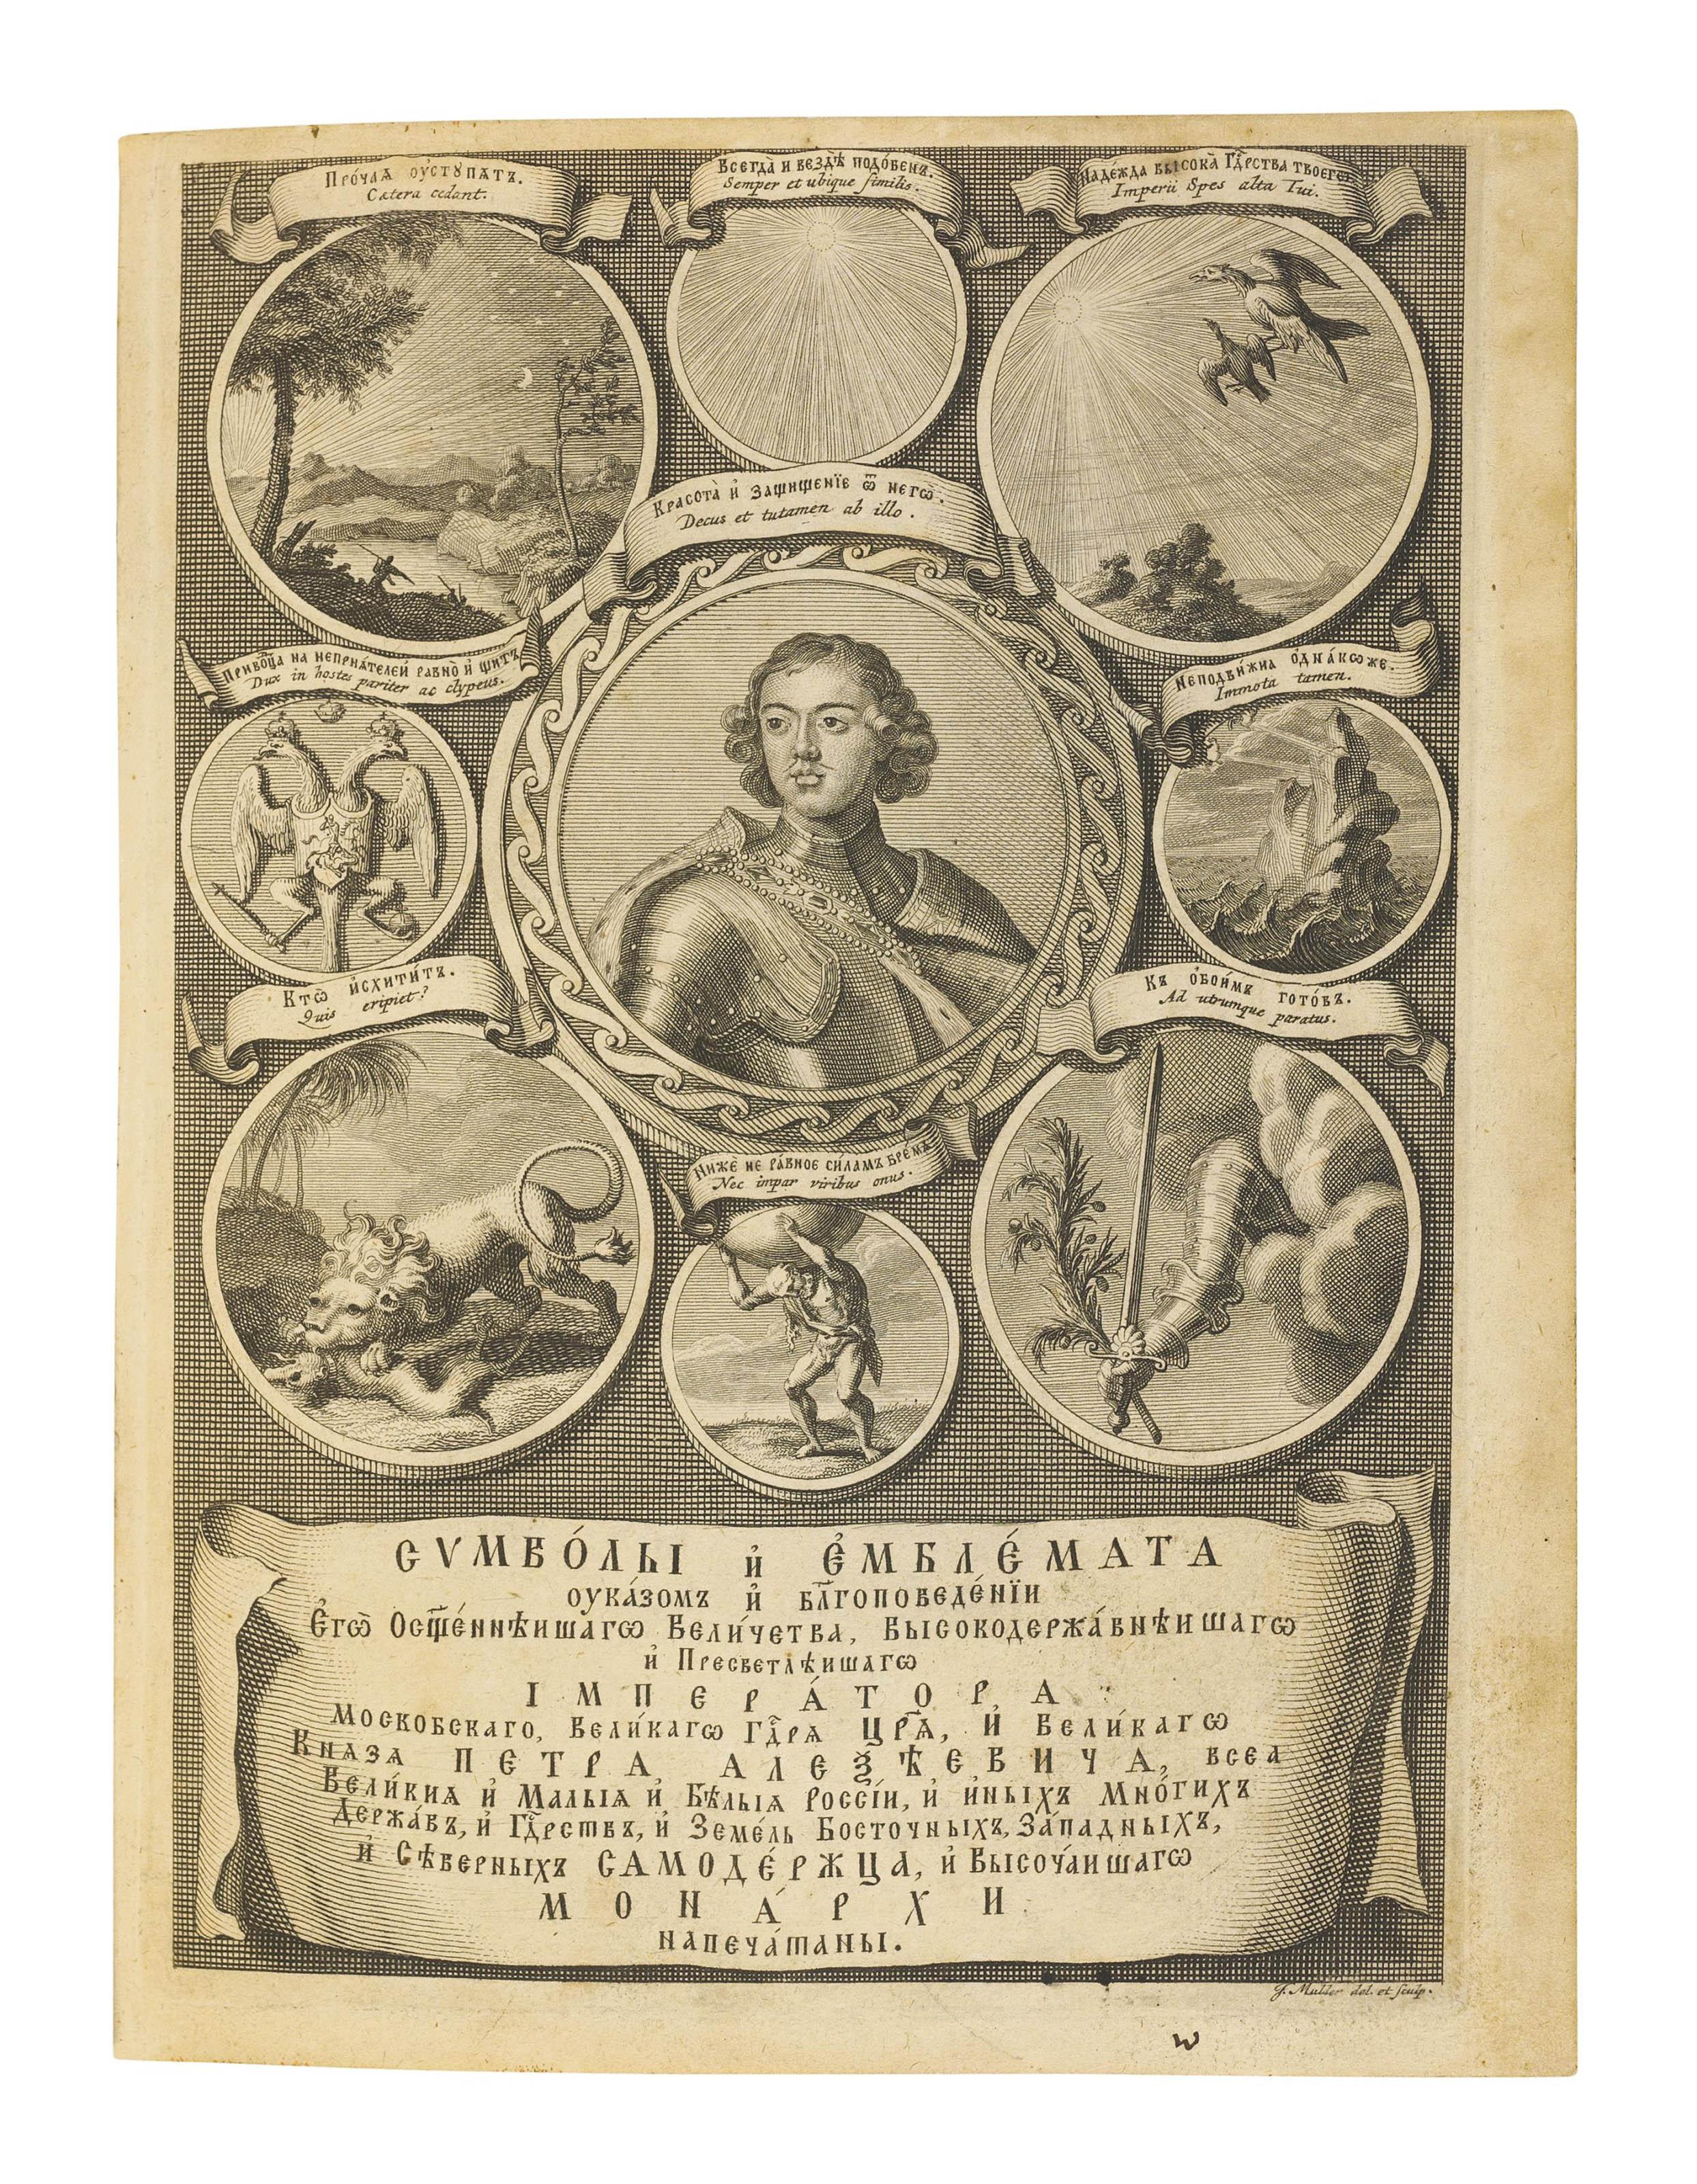 Symbola et Emblemata Jussu atque aspiciis Petri Alexeidis. [Simboly i emblemata ukazom i blagopovedenii imperatora Petra Alekseevicha.] Amsterdam: Henricus Wetstein, 1705.